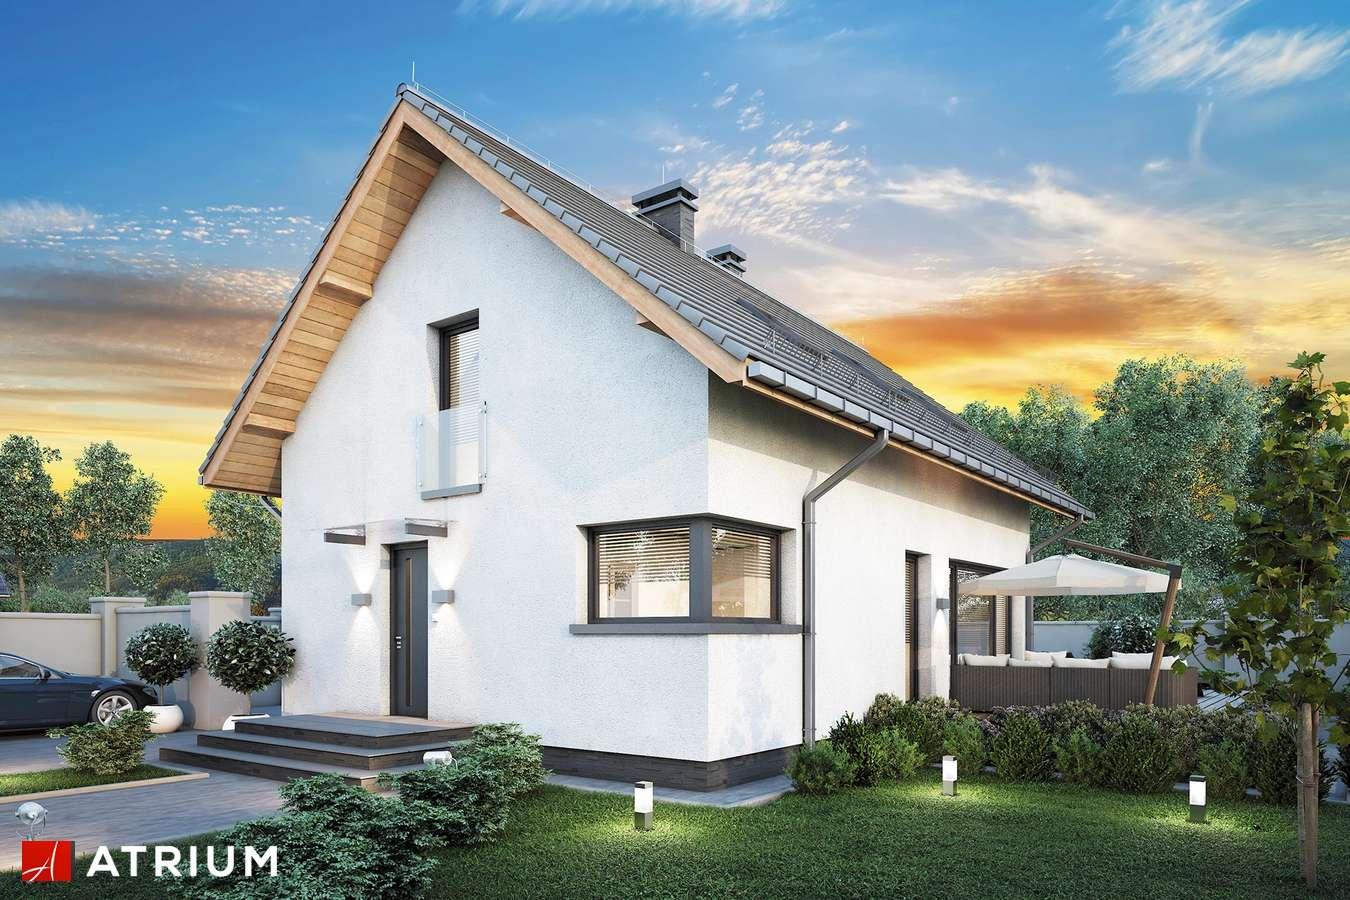 Projekty domów - Projekt domu z poddaszem FELIX IV - wizualizacja 1 - wersja lustrzana